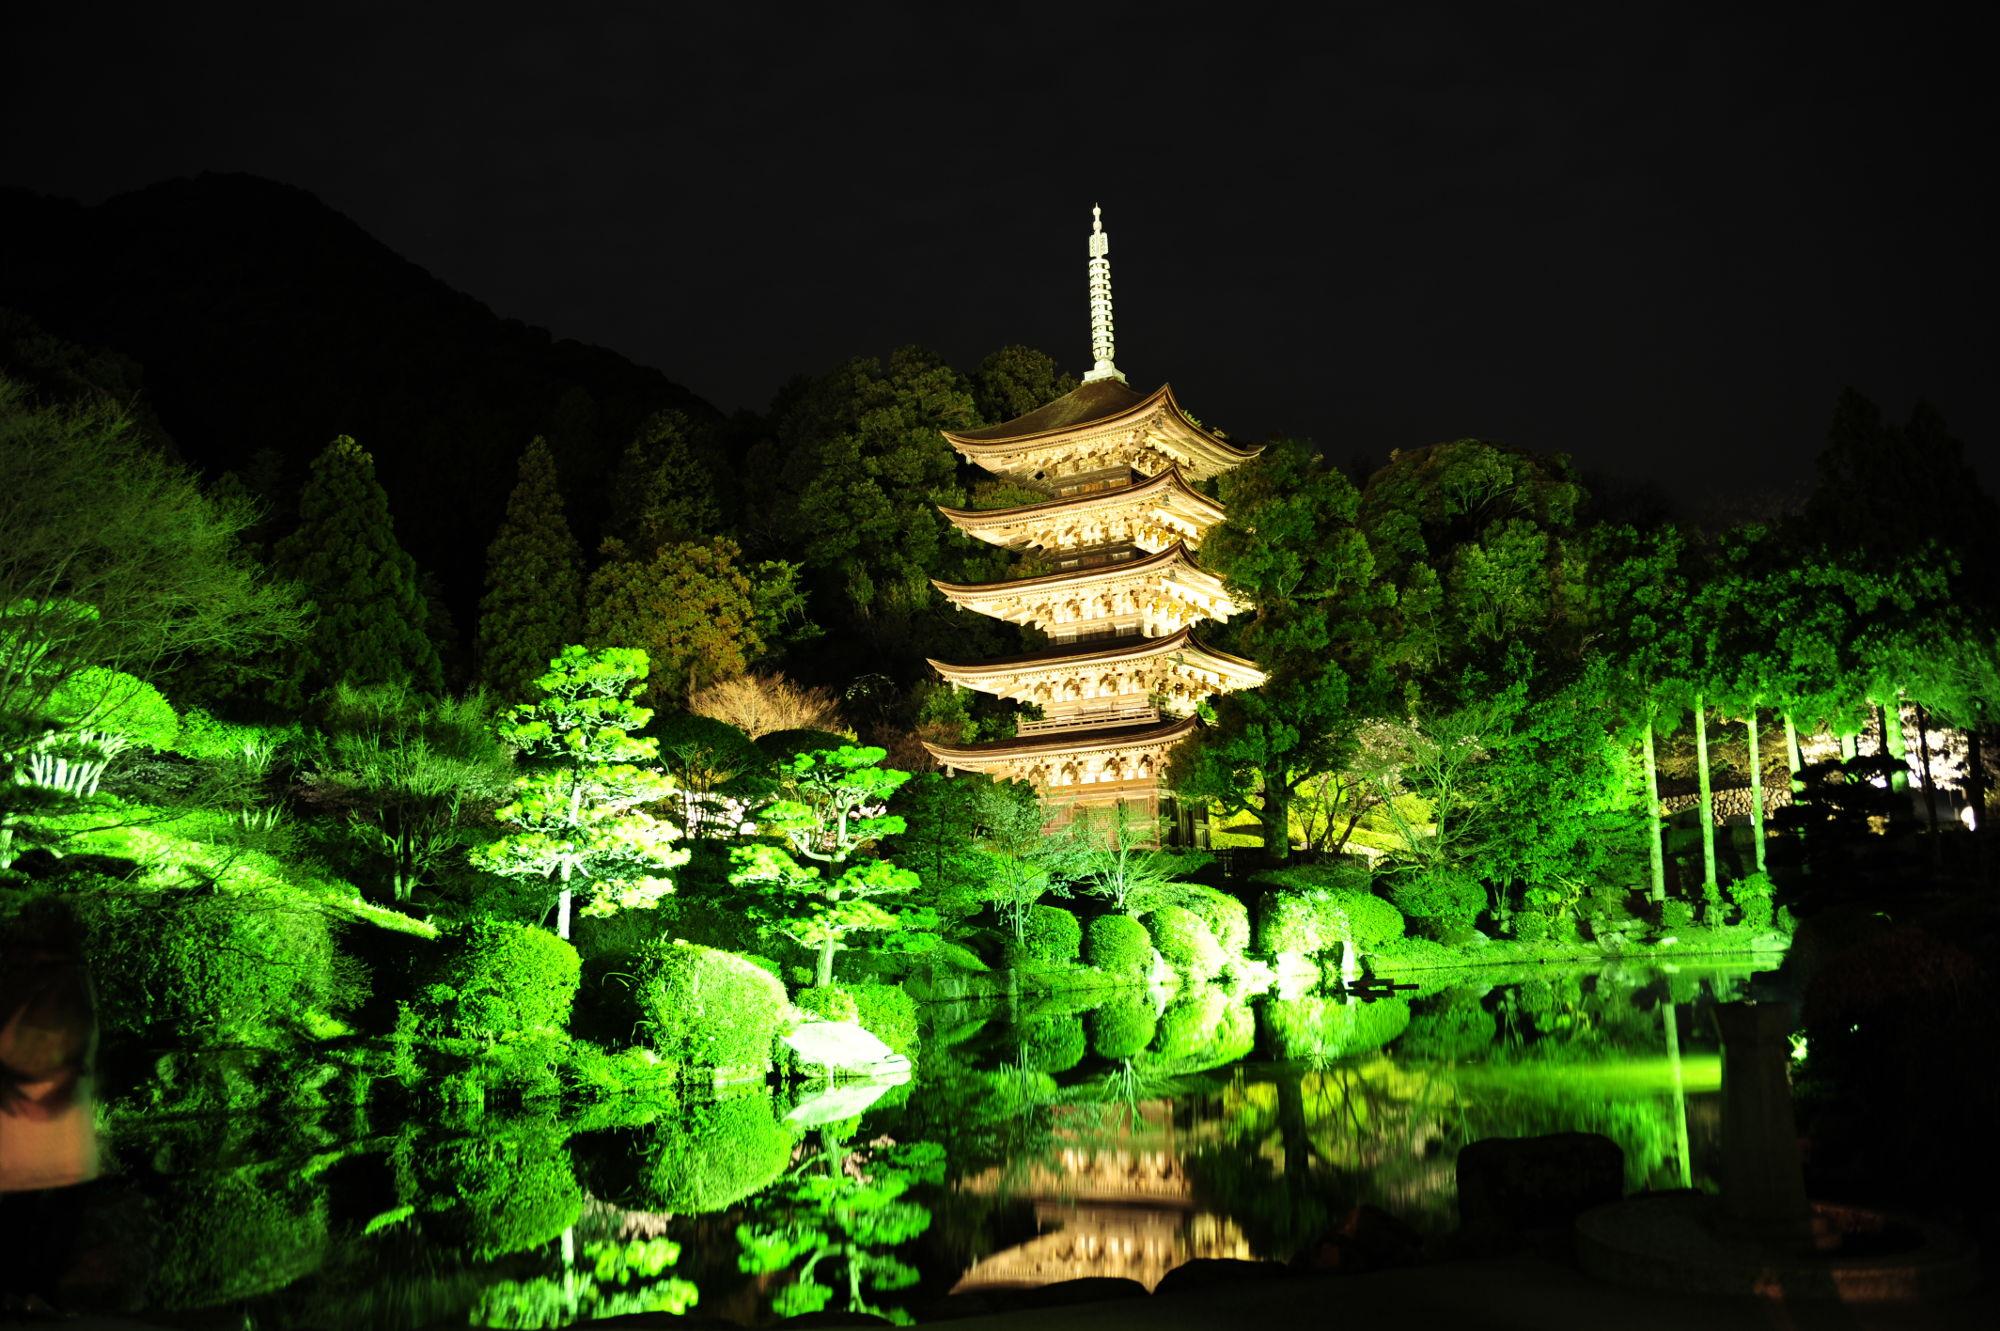 ライトアップされた瑠璃光寺の五重塔